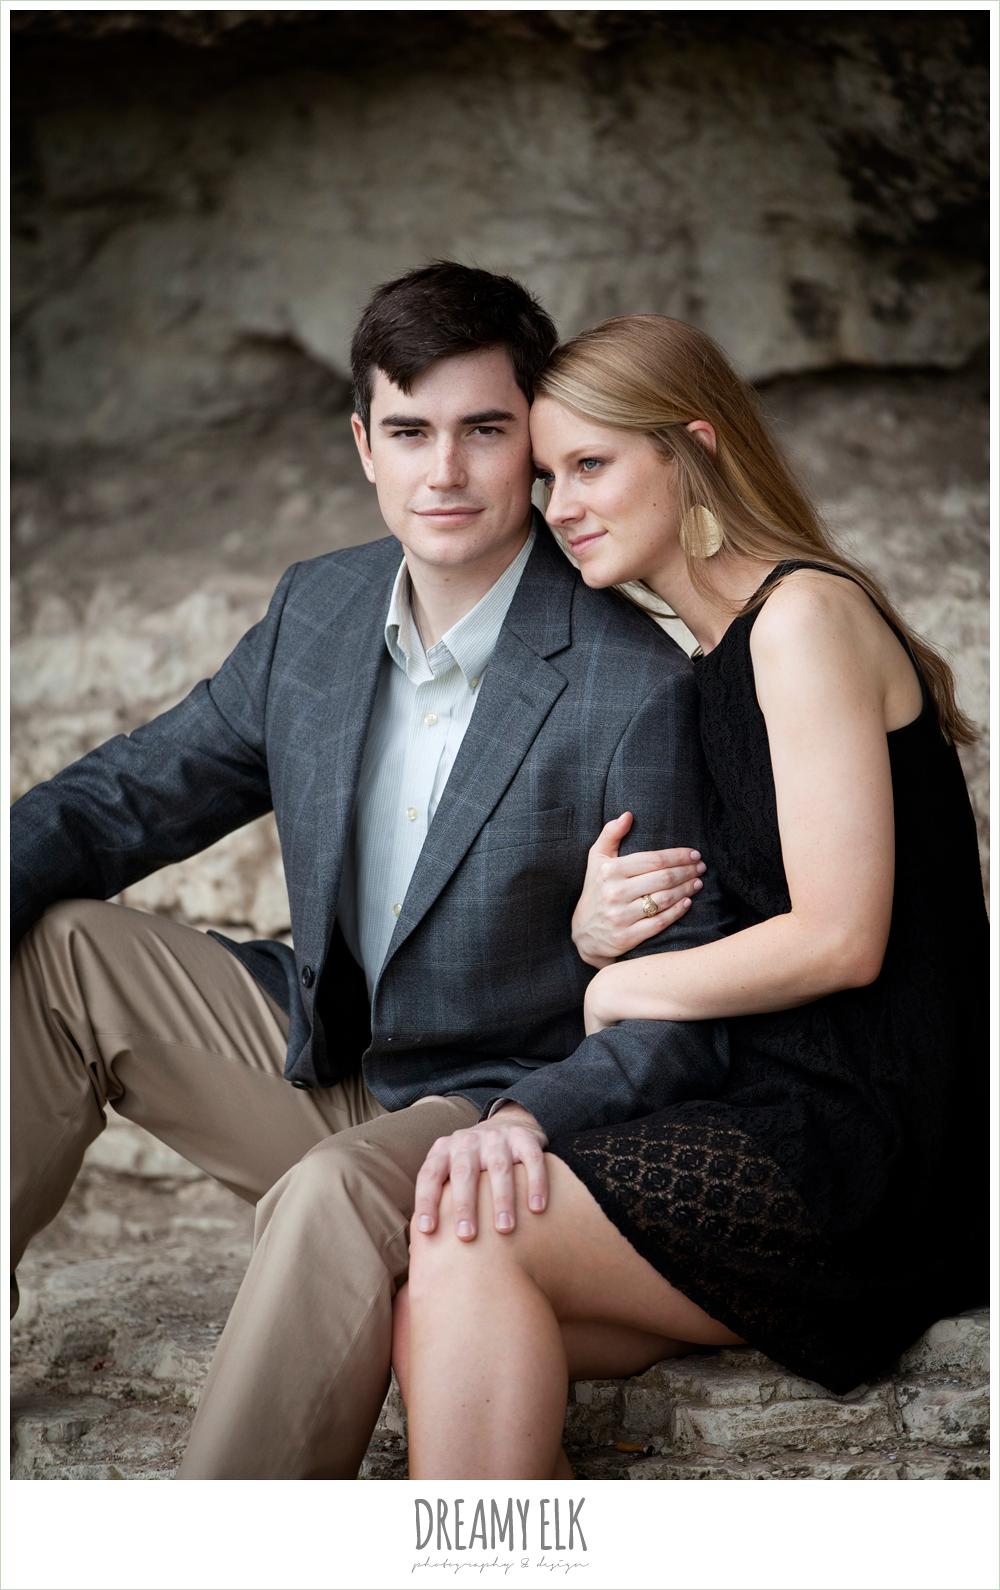 erin & cal, engagement photo contest, zilker park, austin